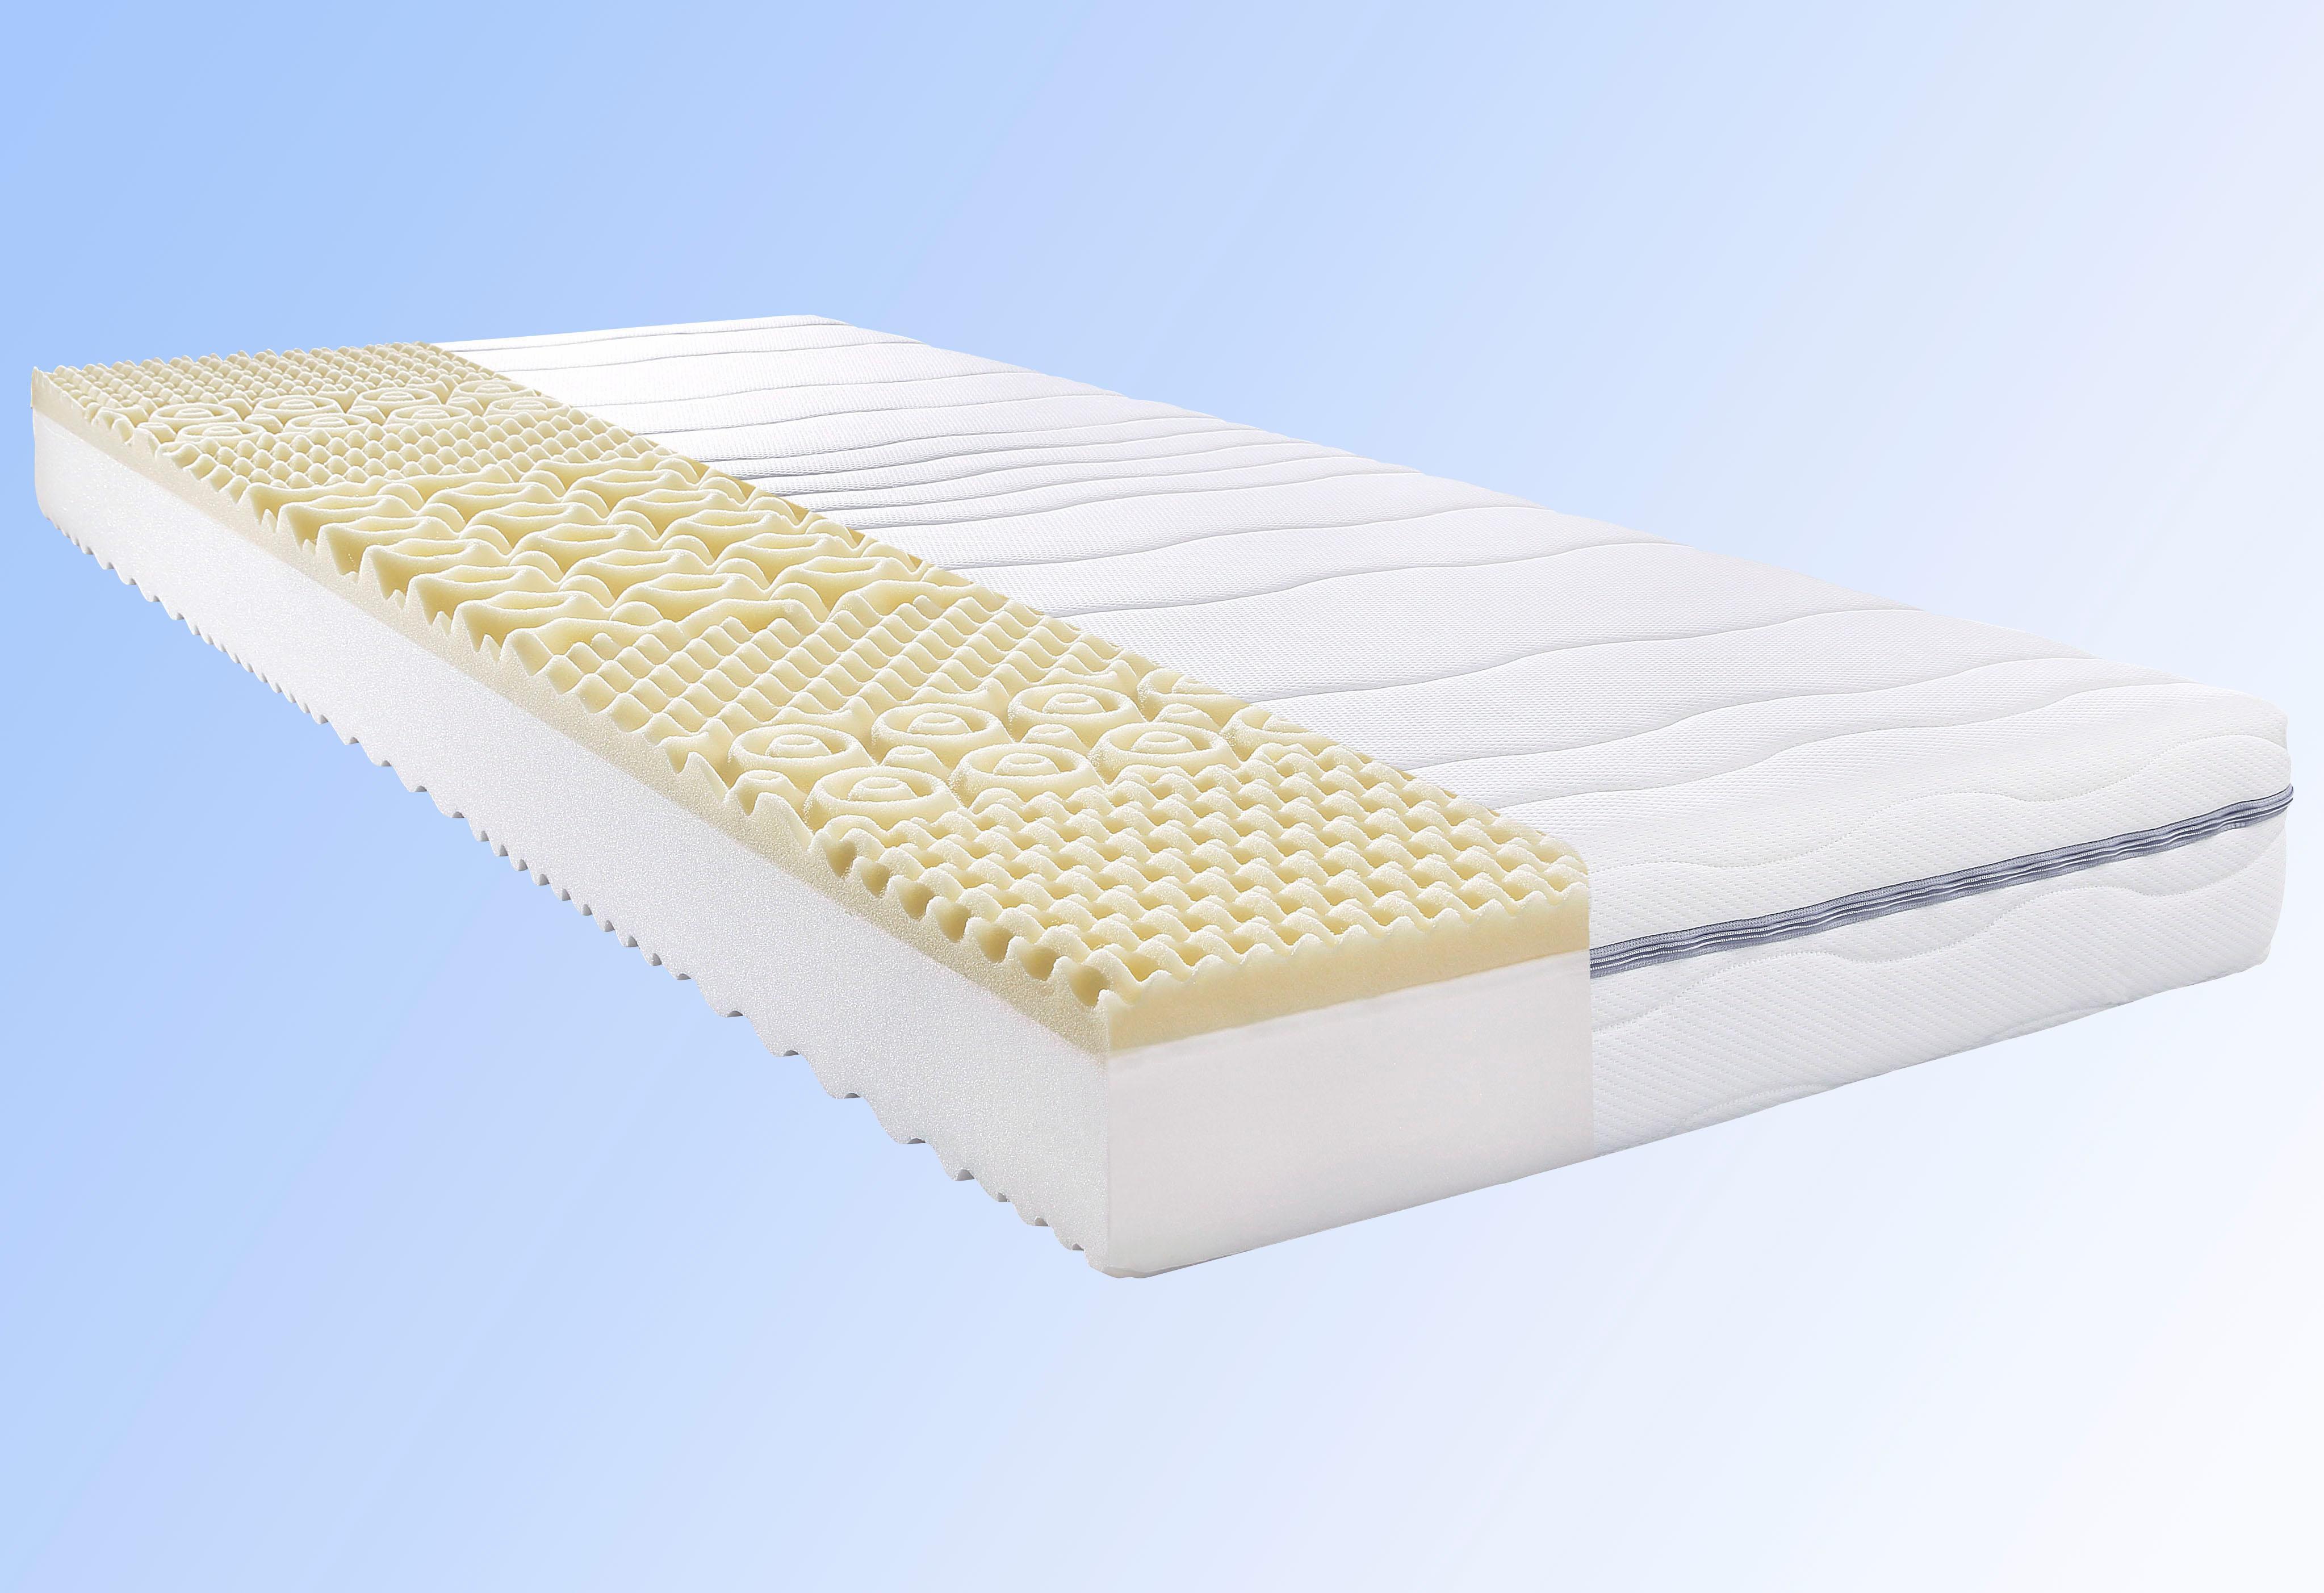 Komfortschaummatratze My Sleep Visko Beco 18 cm hoch